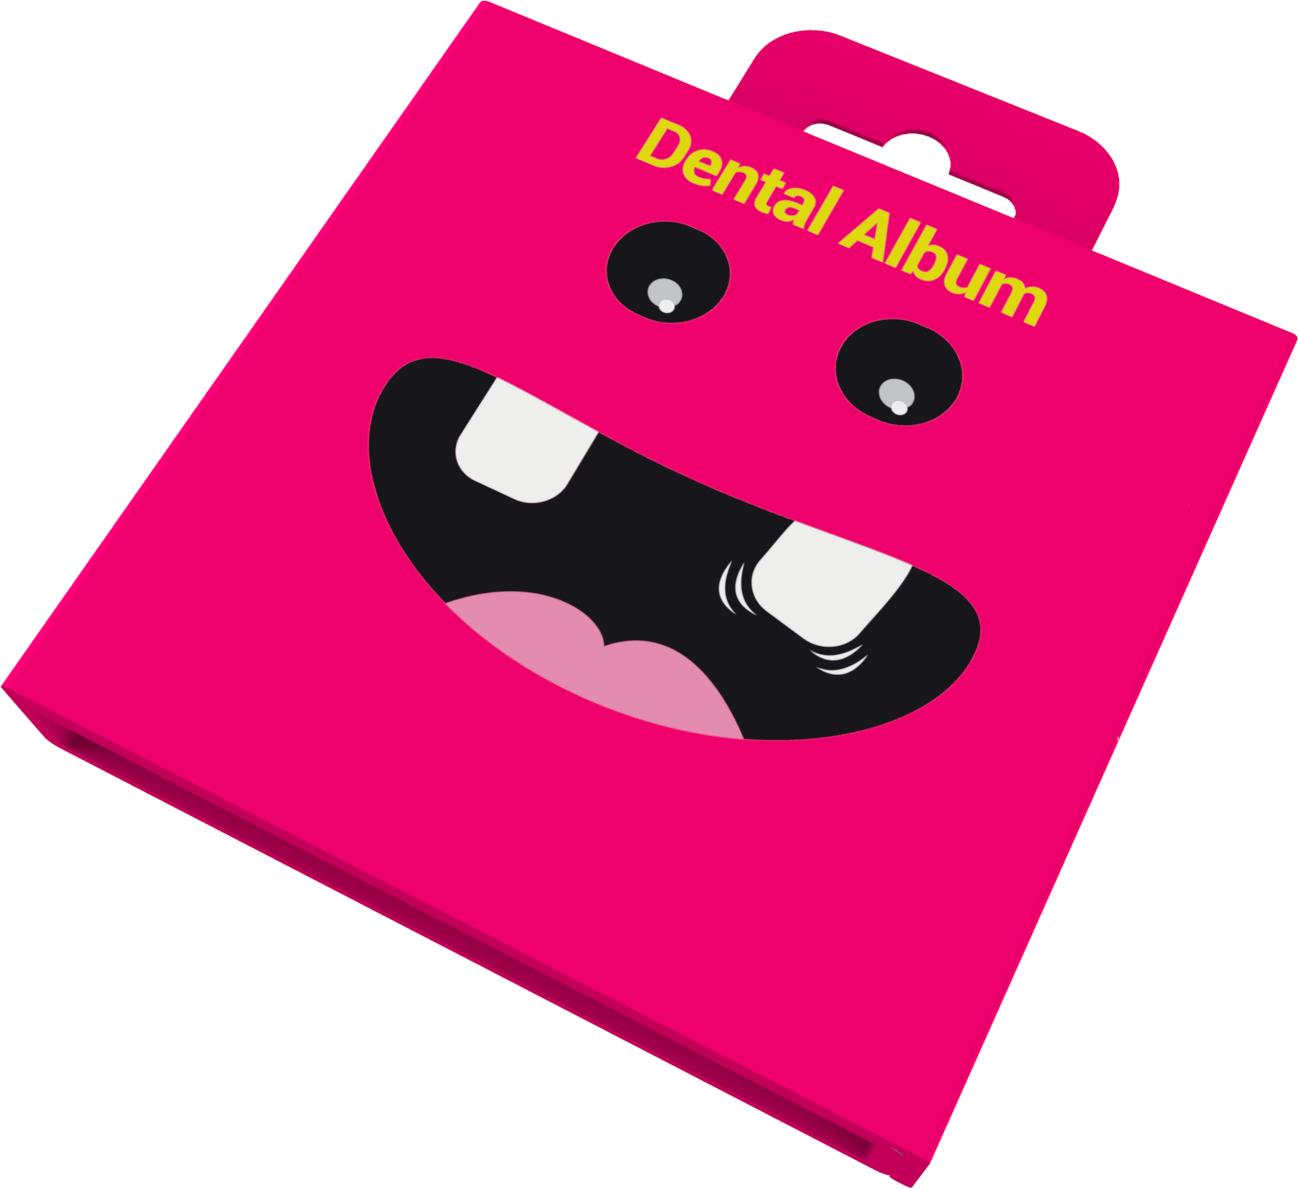 Dental Album Premium